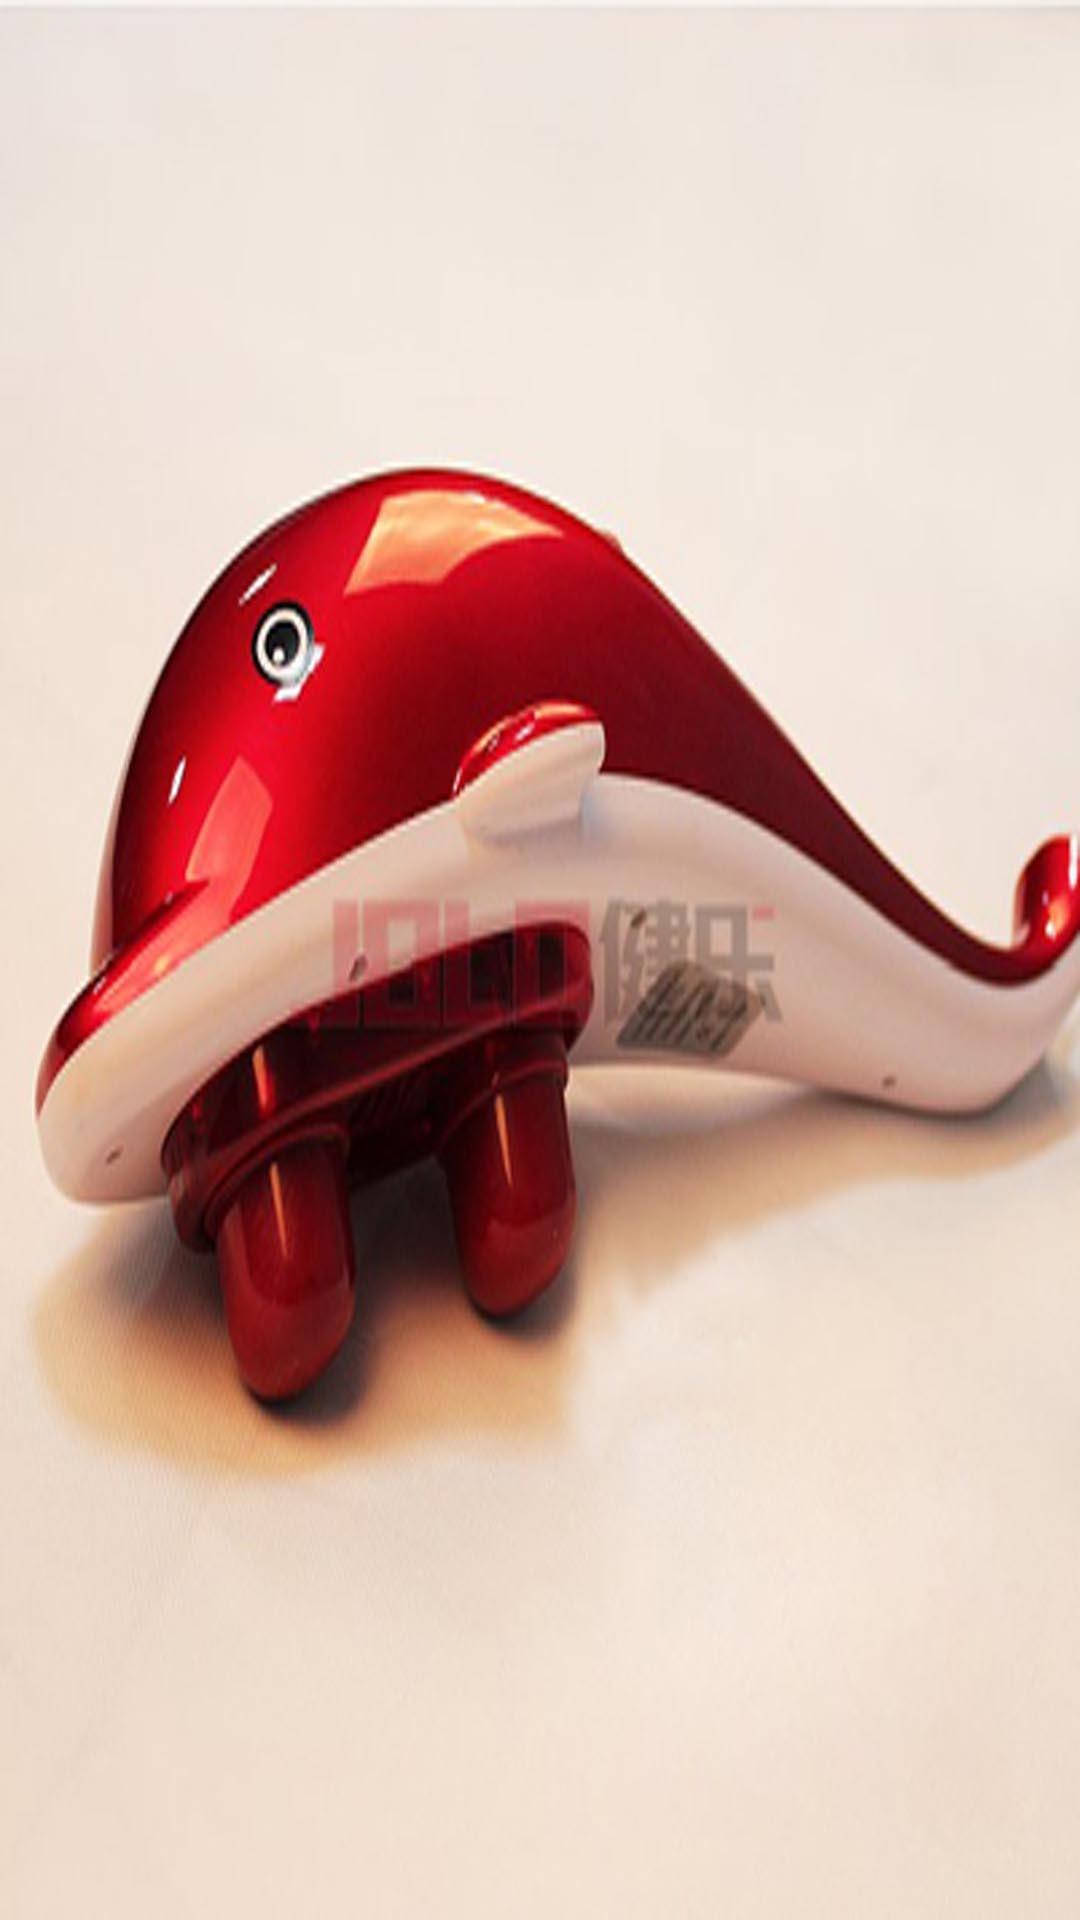 软件 生活地图 >手机震动按摩器  海豚按摩棒一是种用于保健按摩的